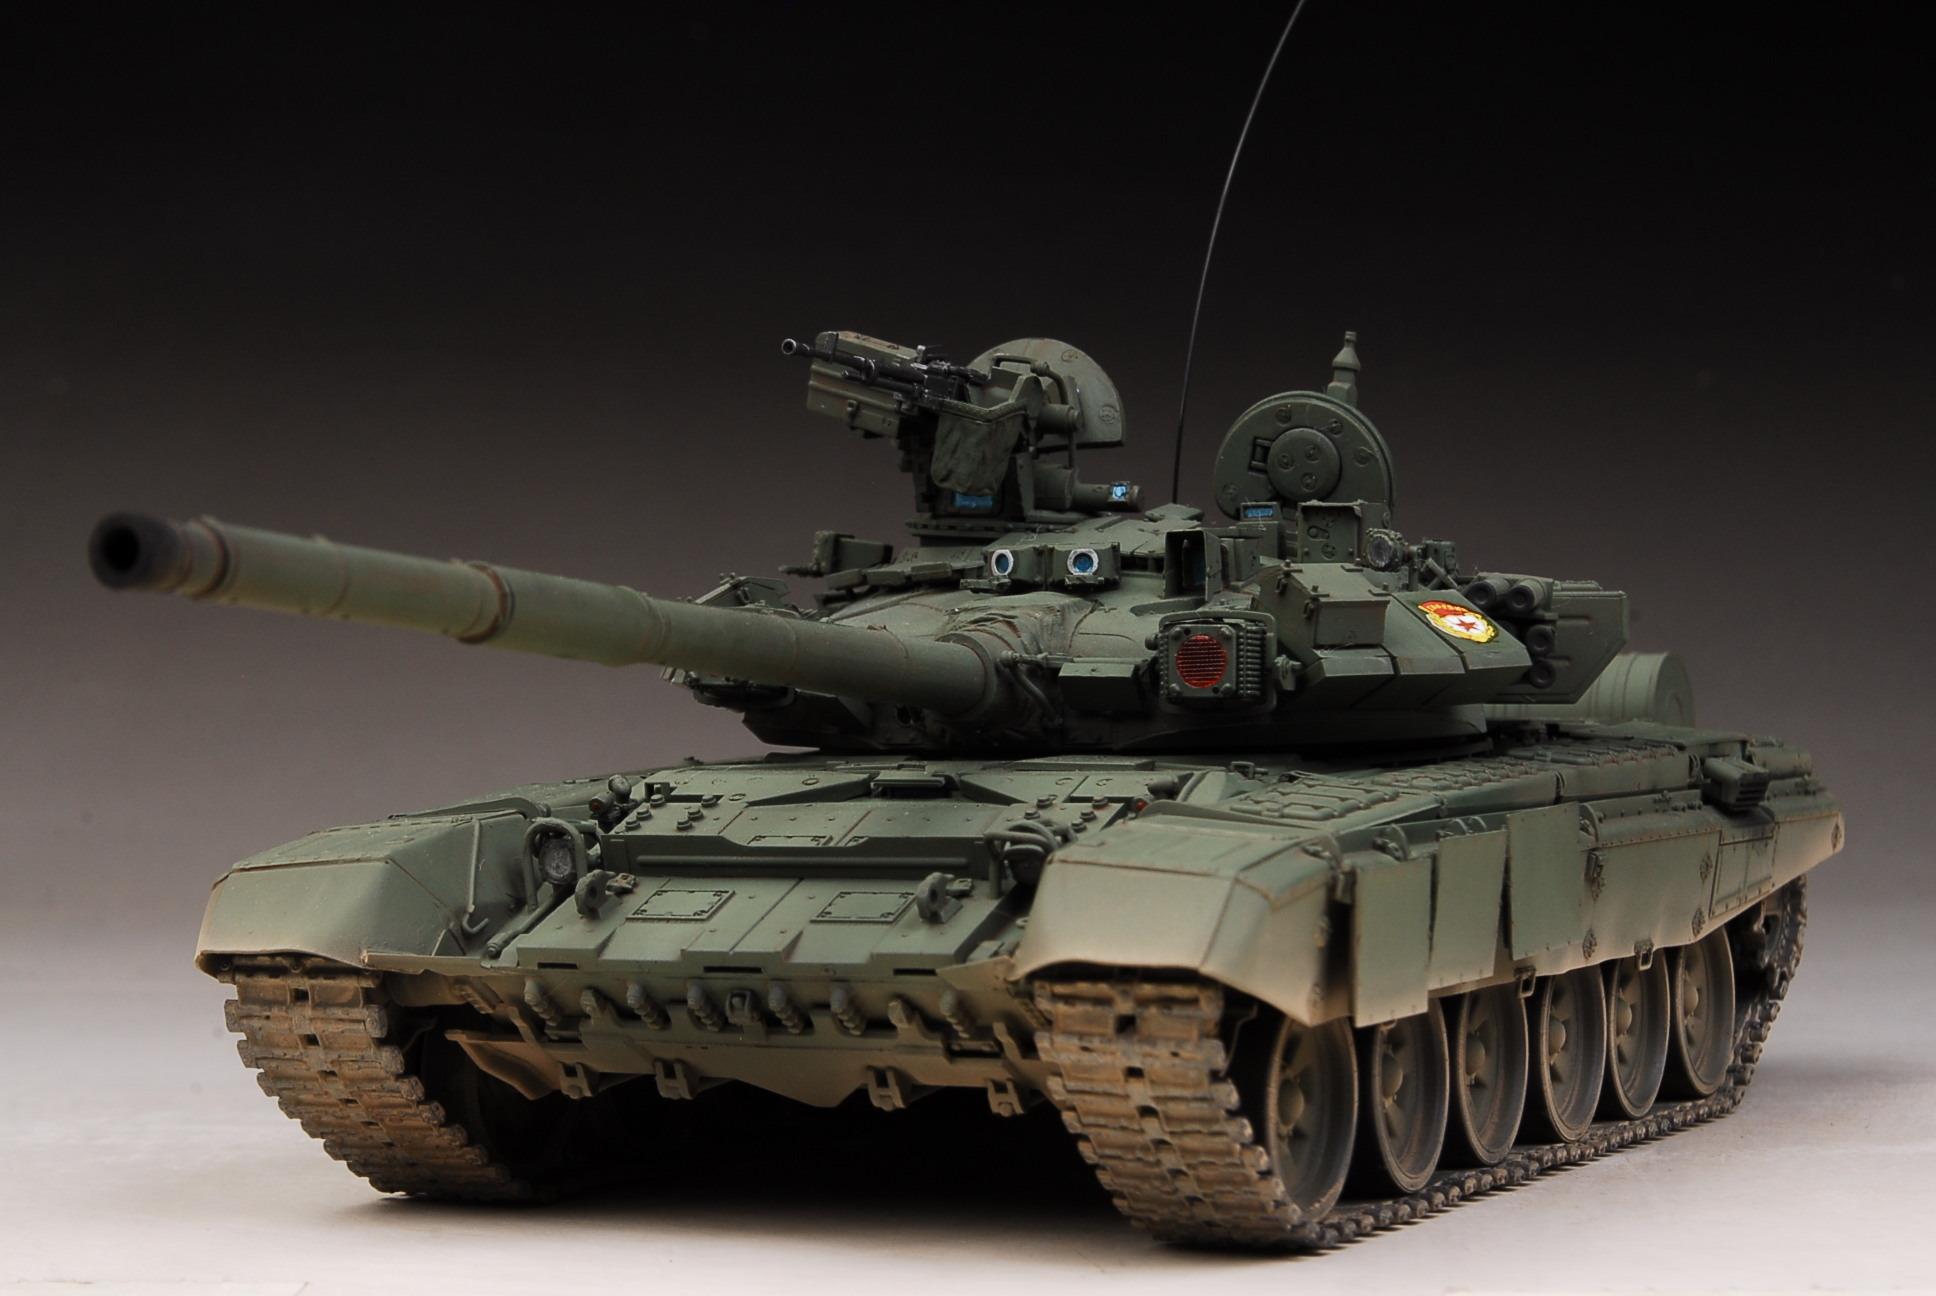 Обнаружена самая редкая модификация российского основного боевого танка